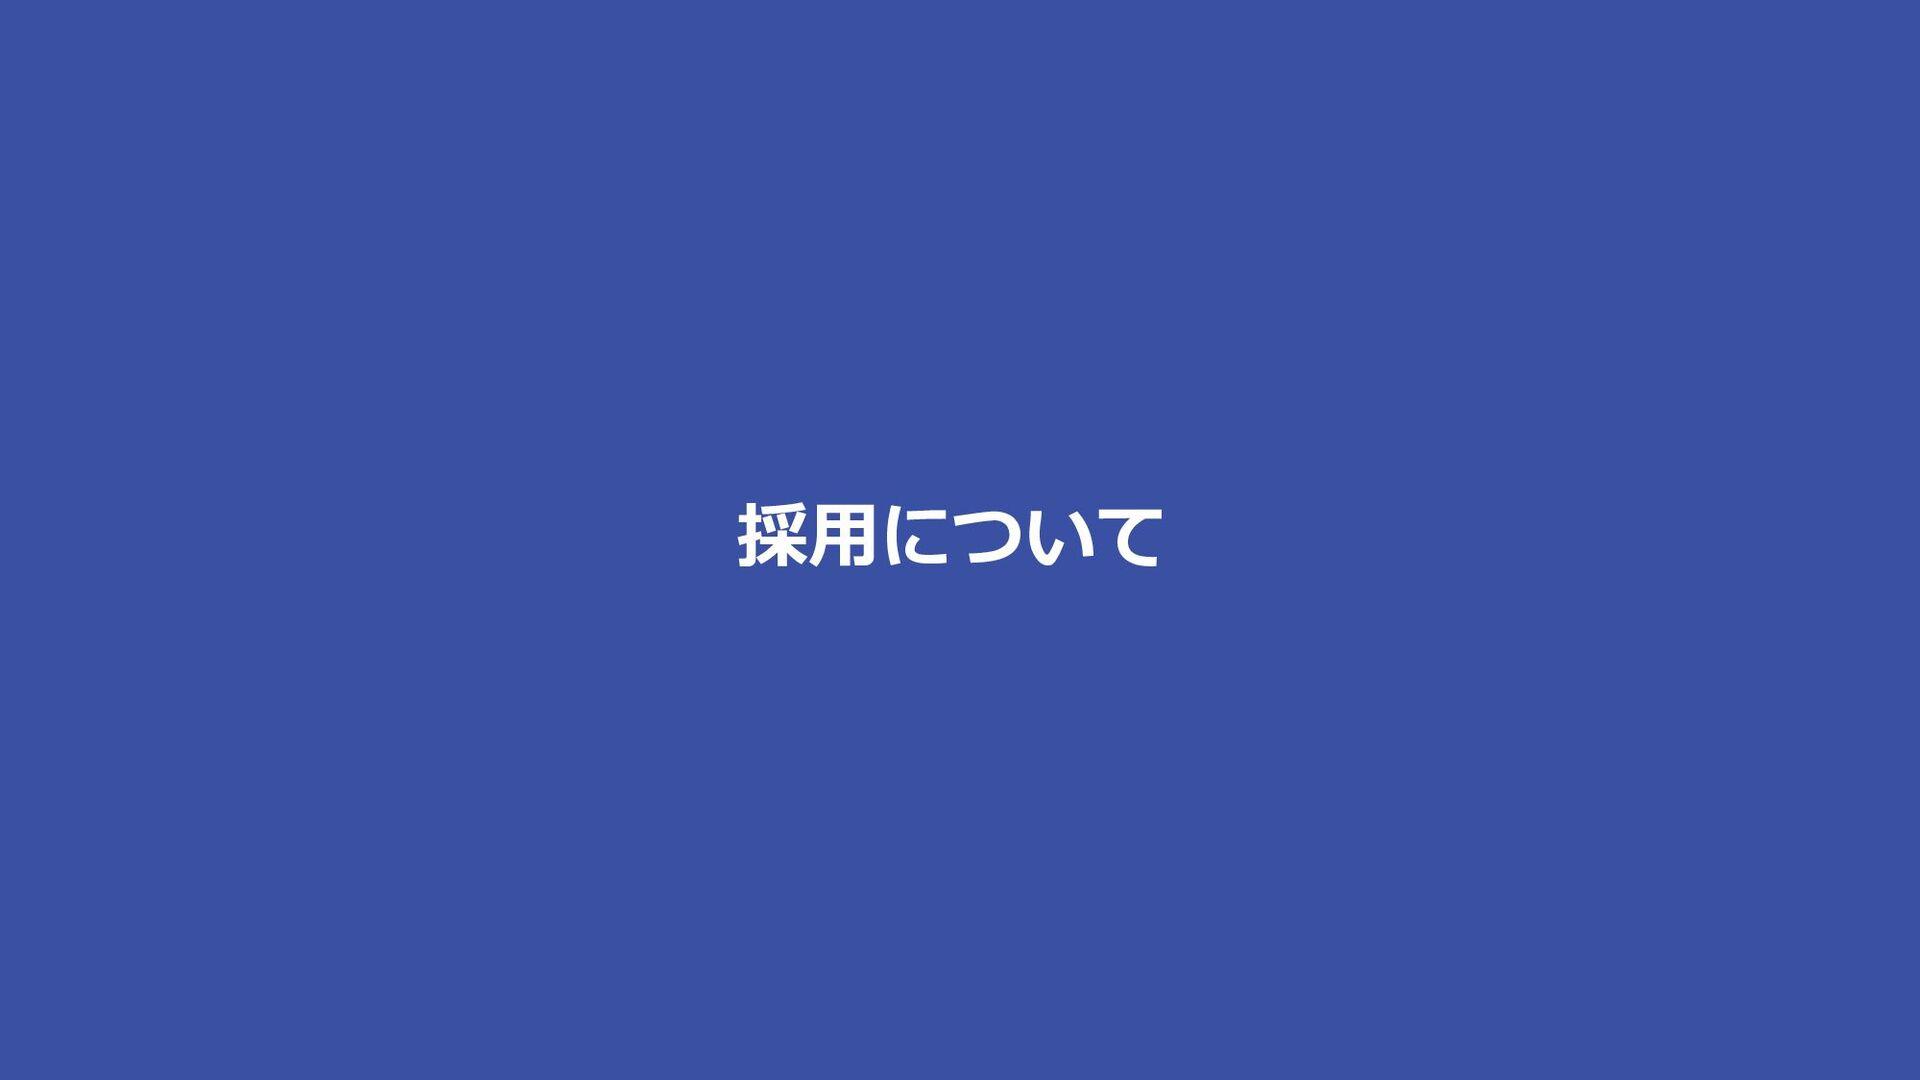 エンジニア 評価制度 目標管理制度(MBO)を採用しています。 原則として半期ごとに自身で4項...